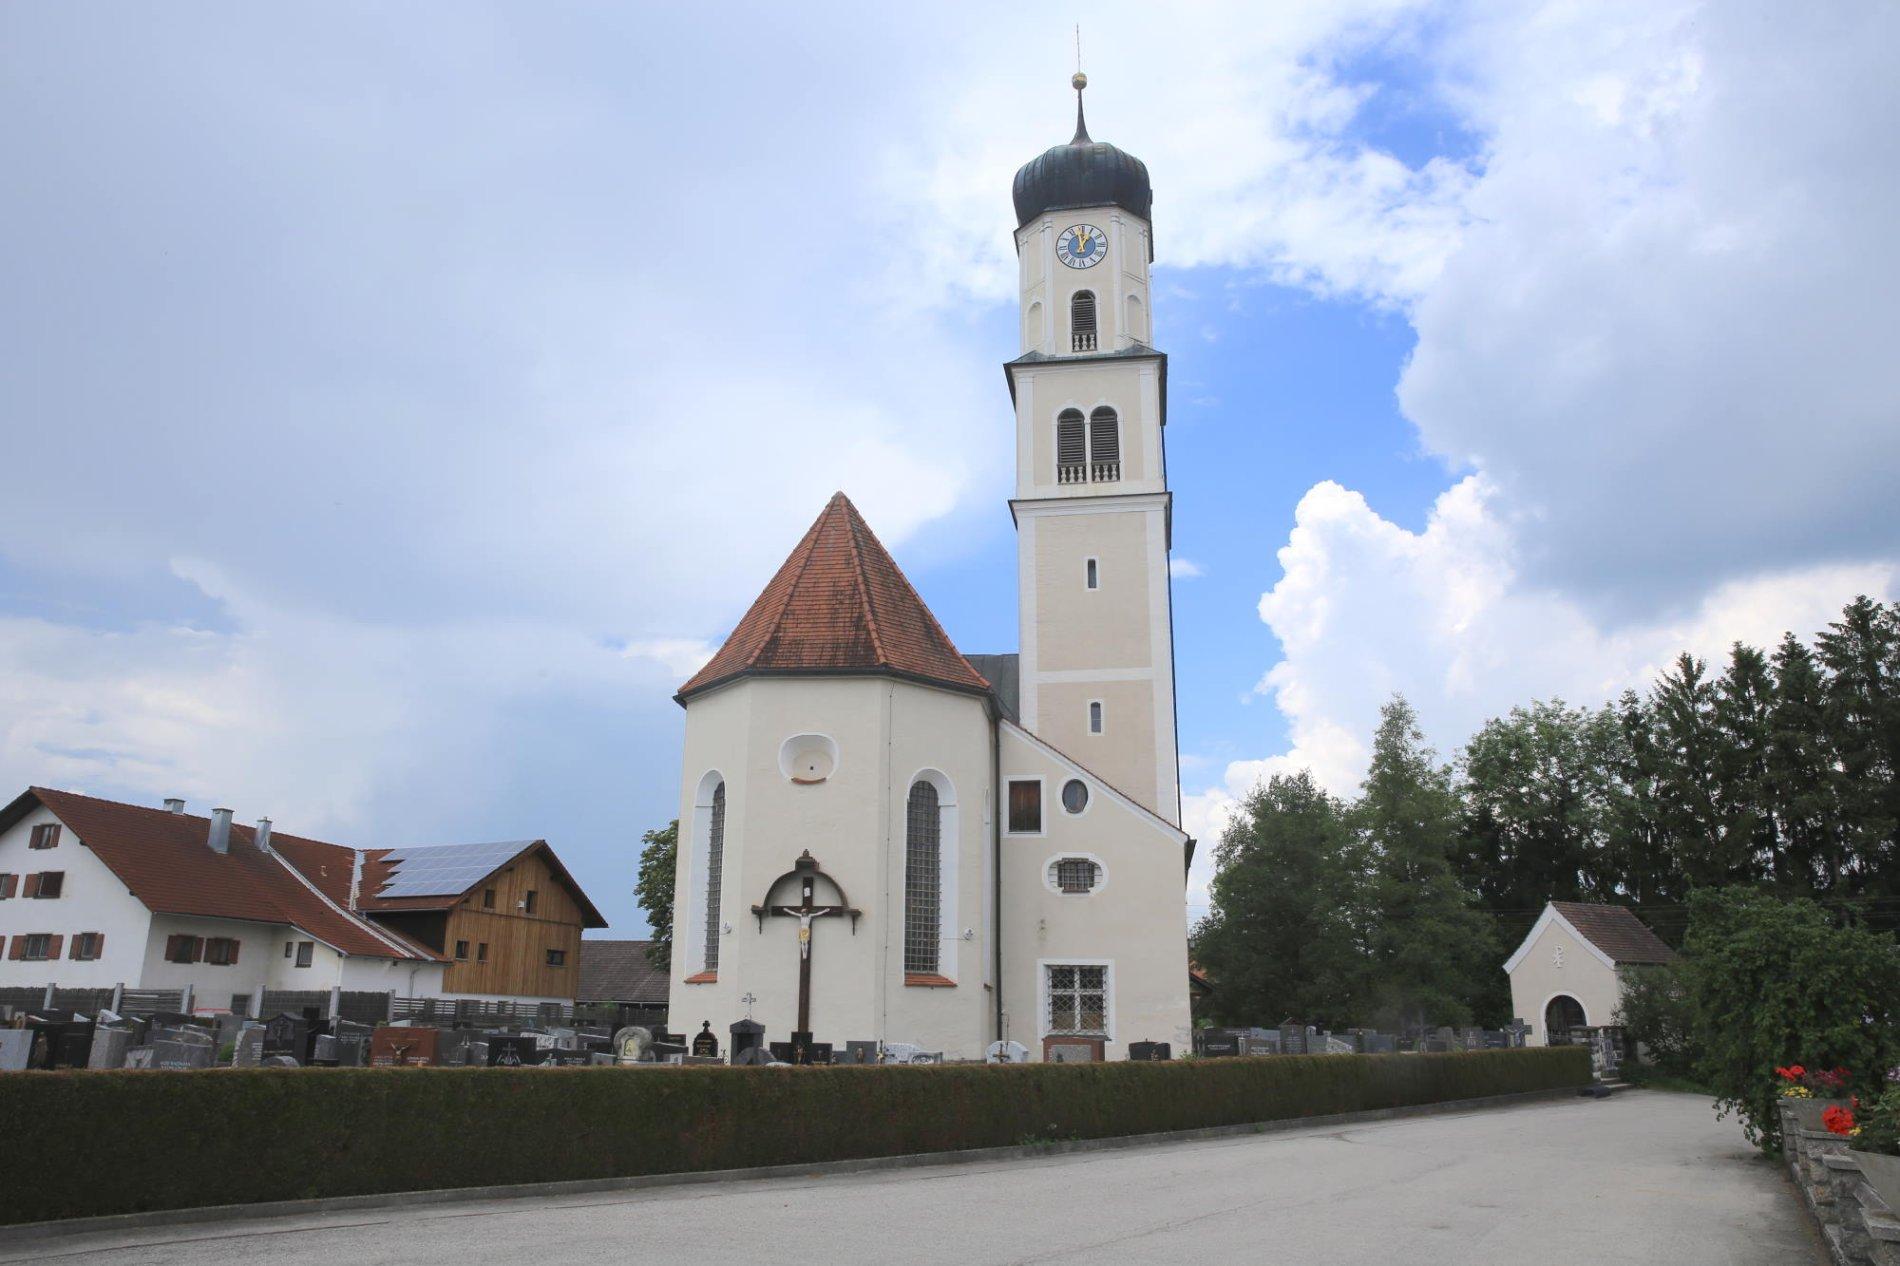 St. Johannis Baptist Pfarrkirche, Leuterschach